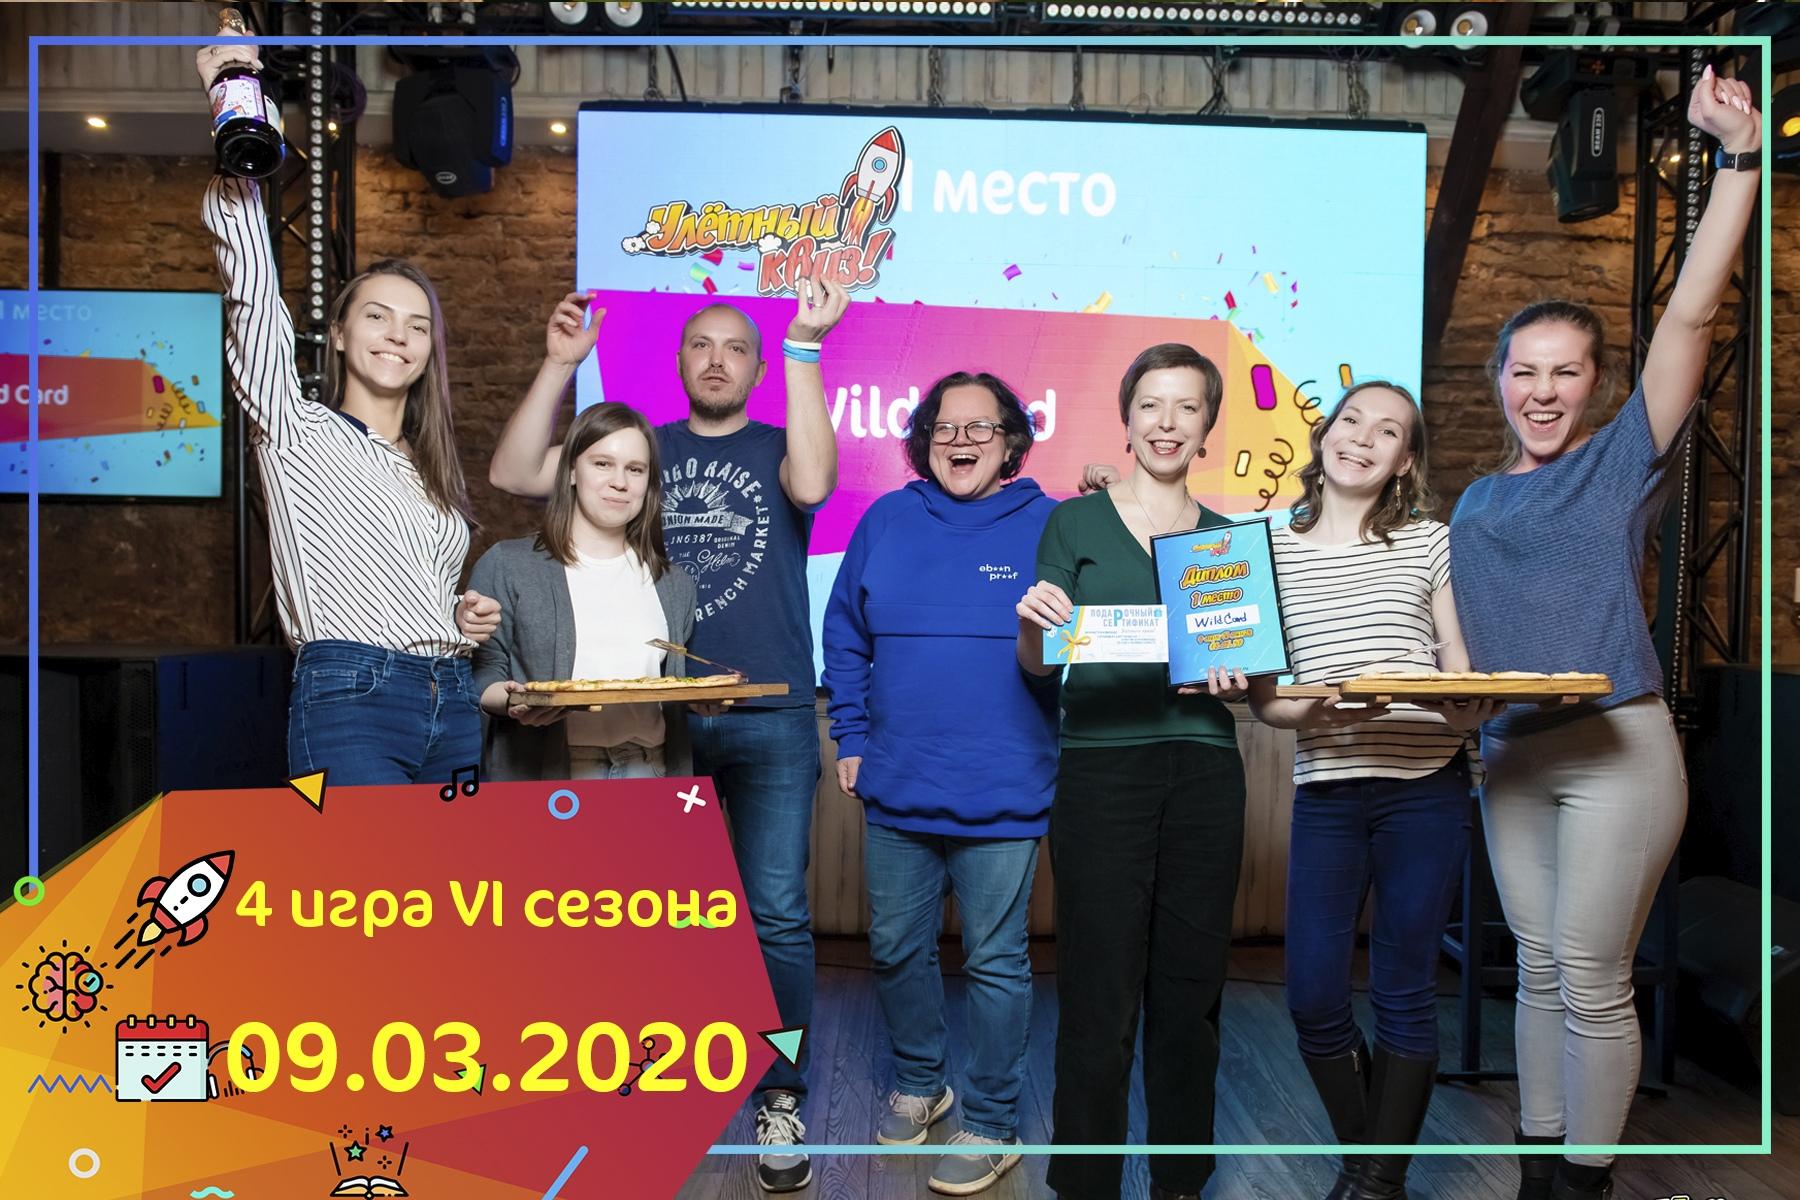 Игра №4 VI сезона Улётный квиз 09.03.2020 (169 фото)